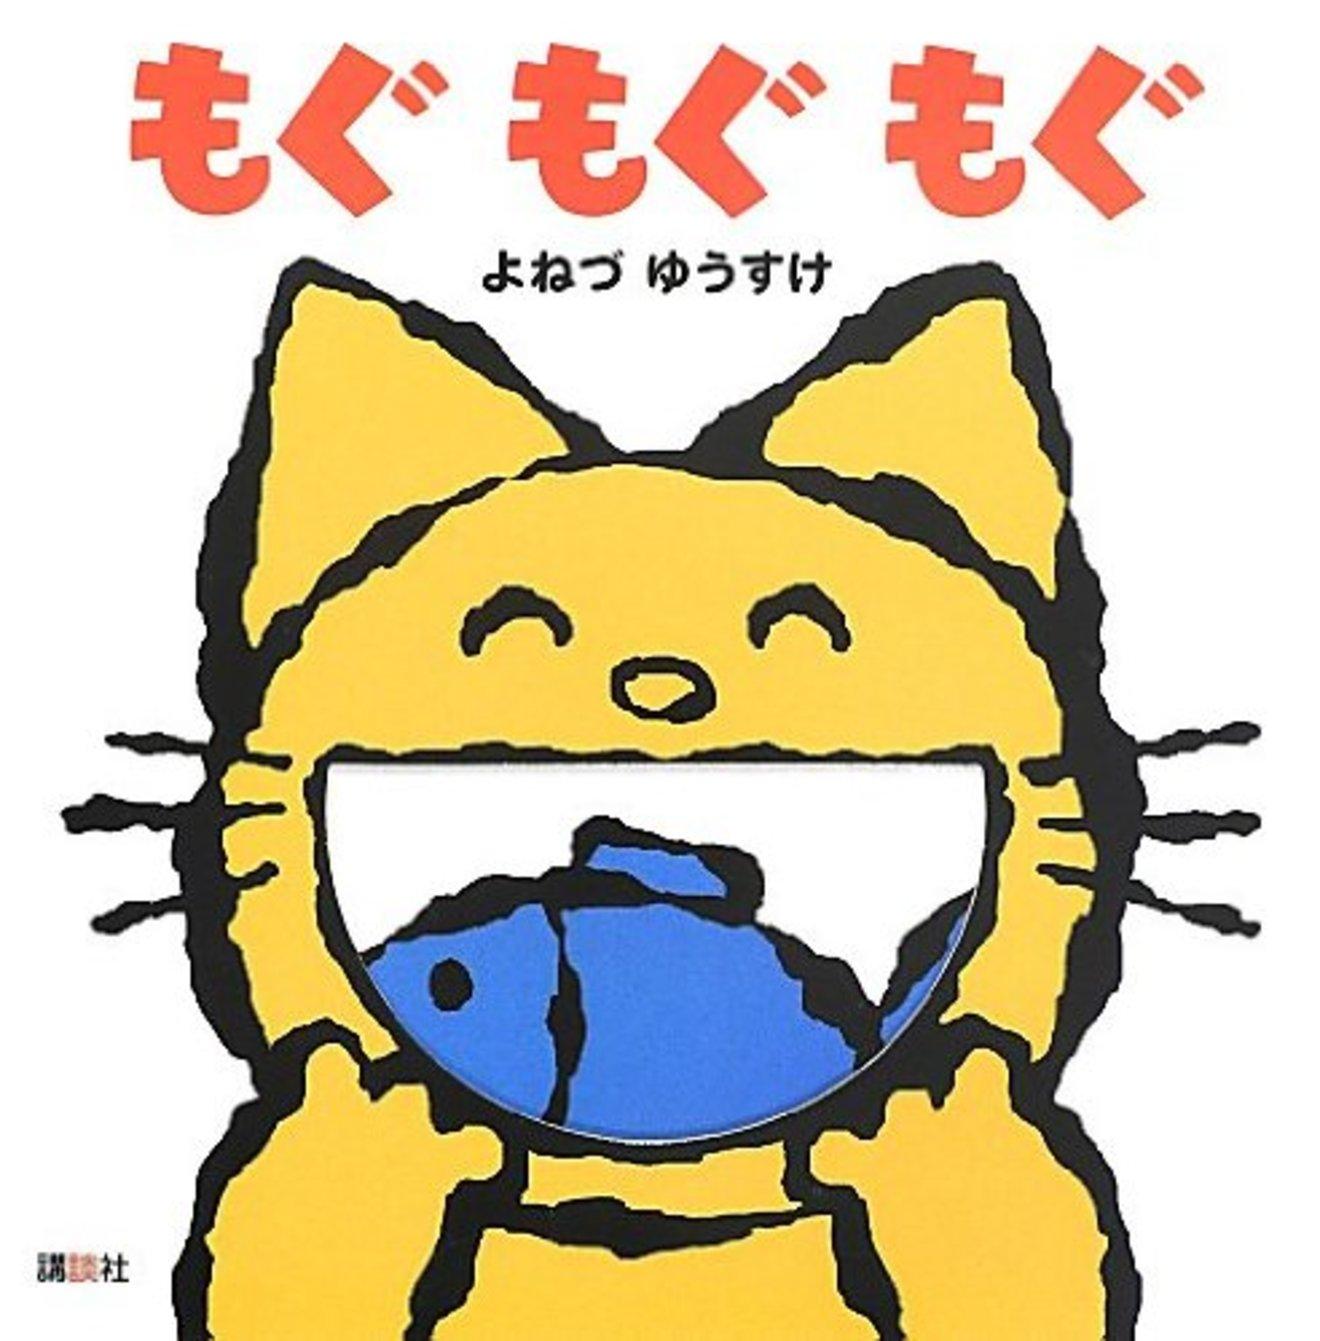 米津祐介が描く、赤ちゃんにも優しい絵本おすすめ5選!